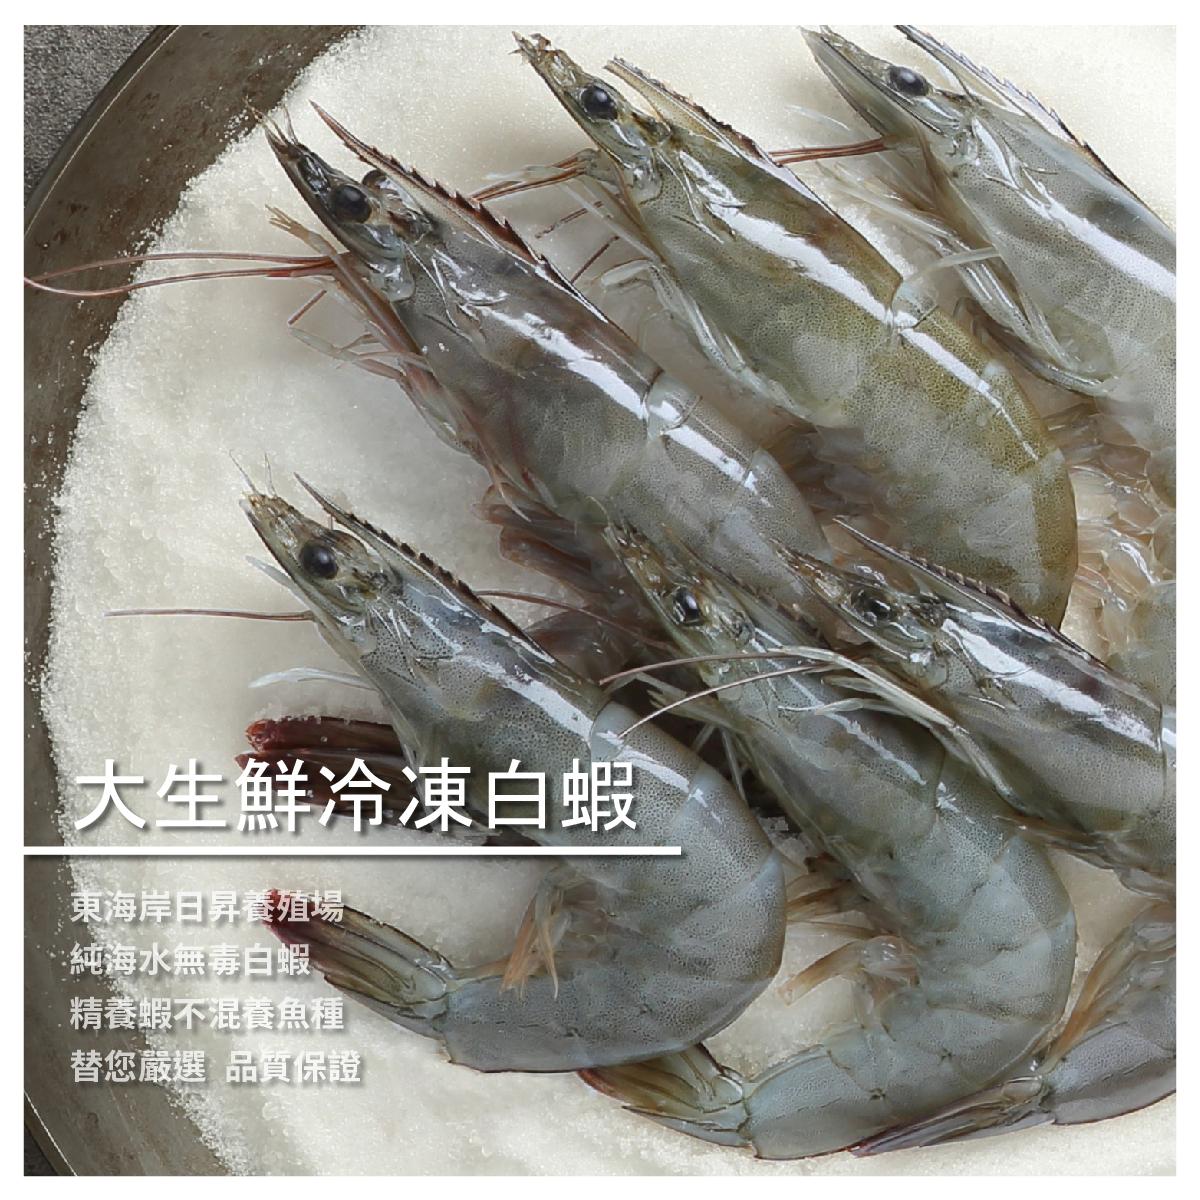 【洋昇水產】大生鮮冷凍白蝦300g/盒